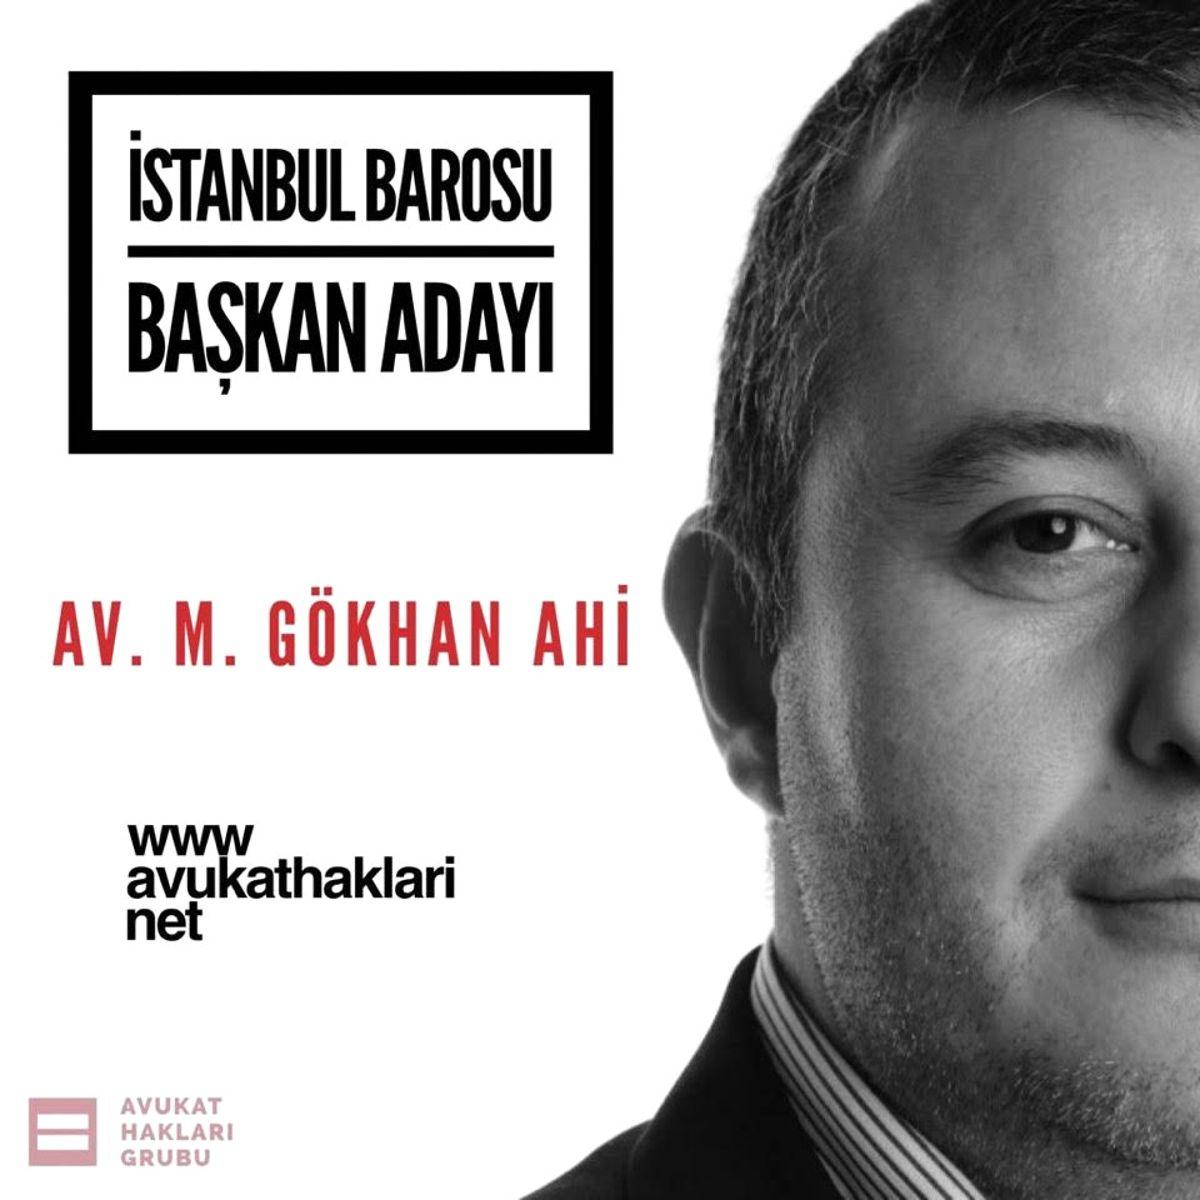 İstanbul Barosunda Değişim Rüzgarı